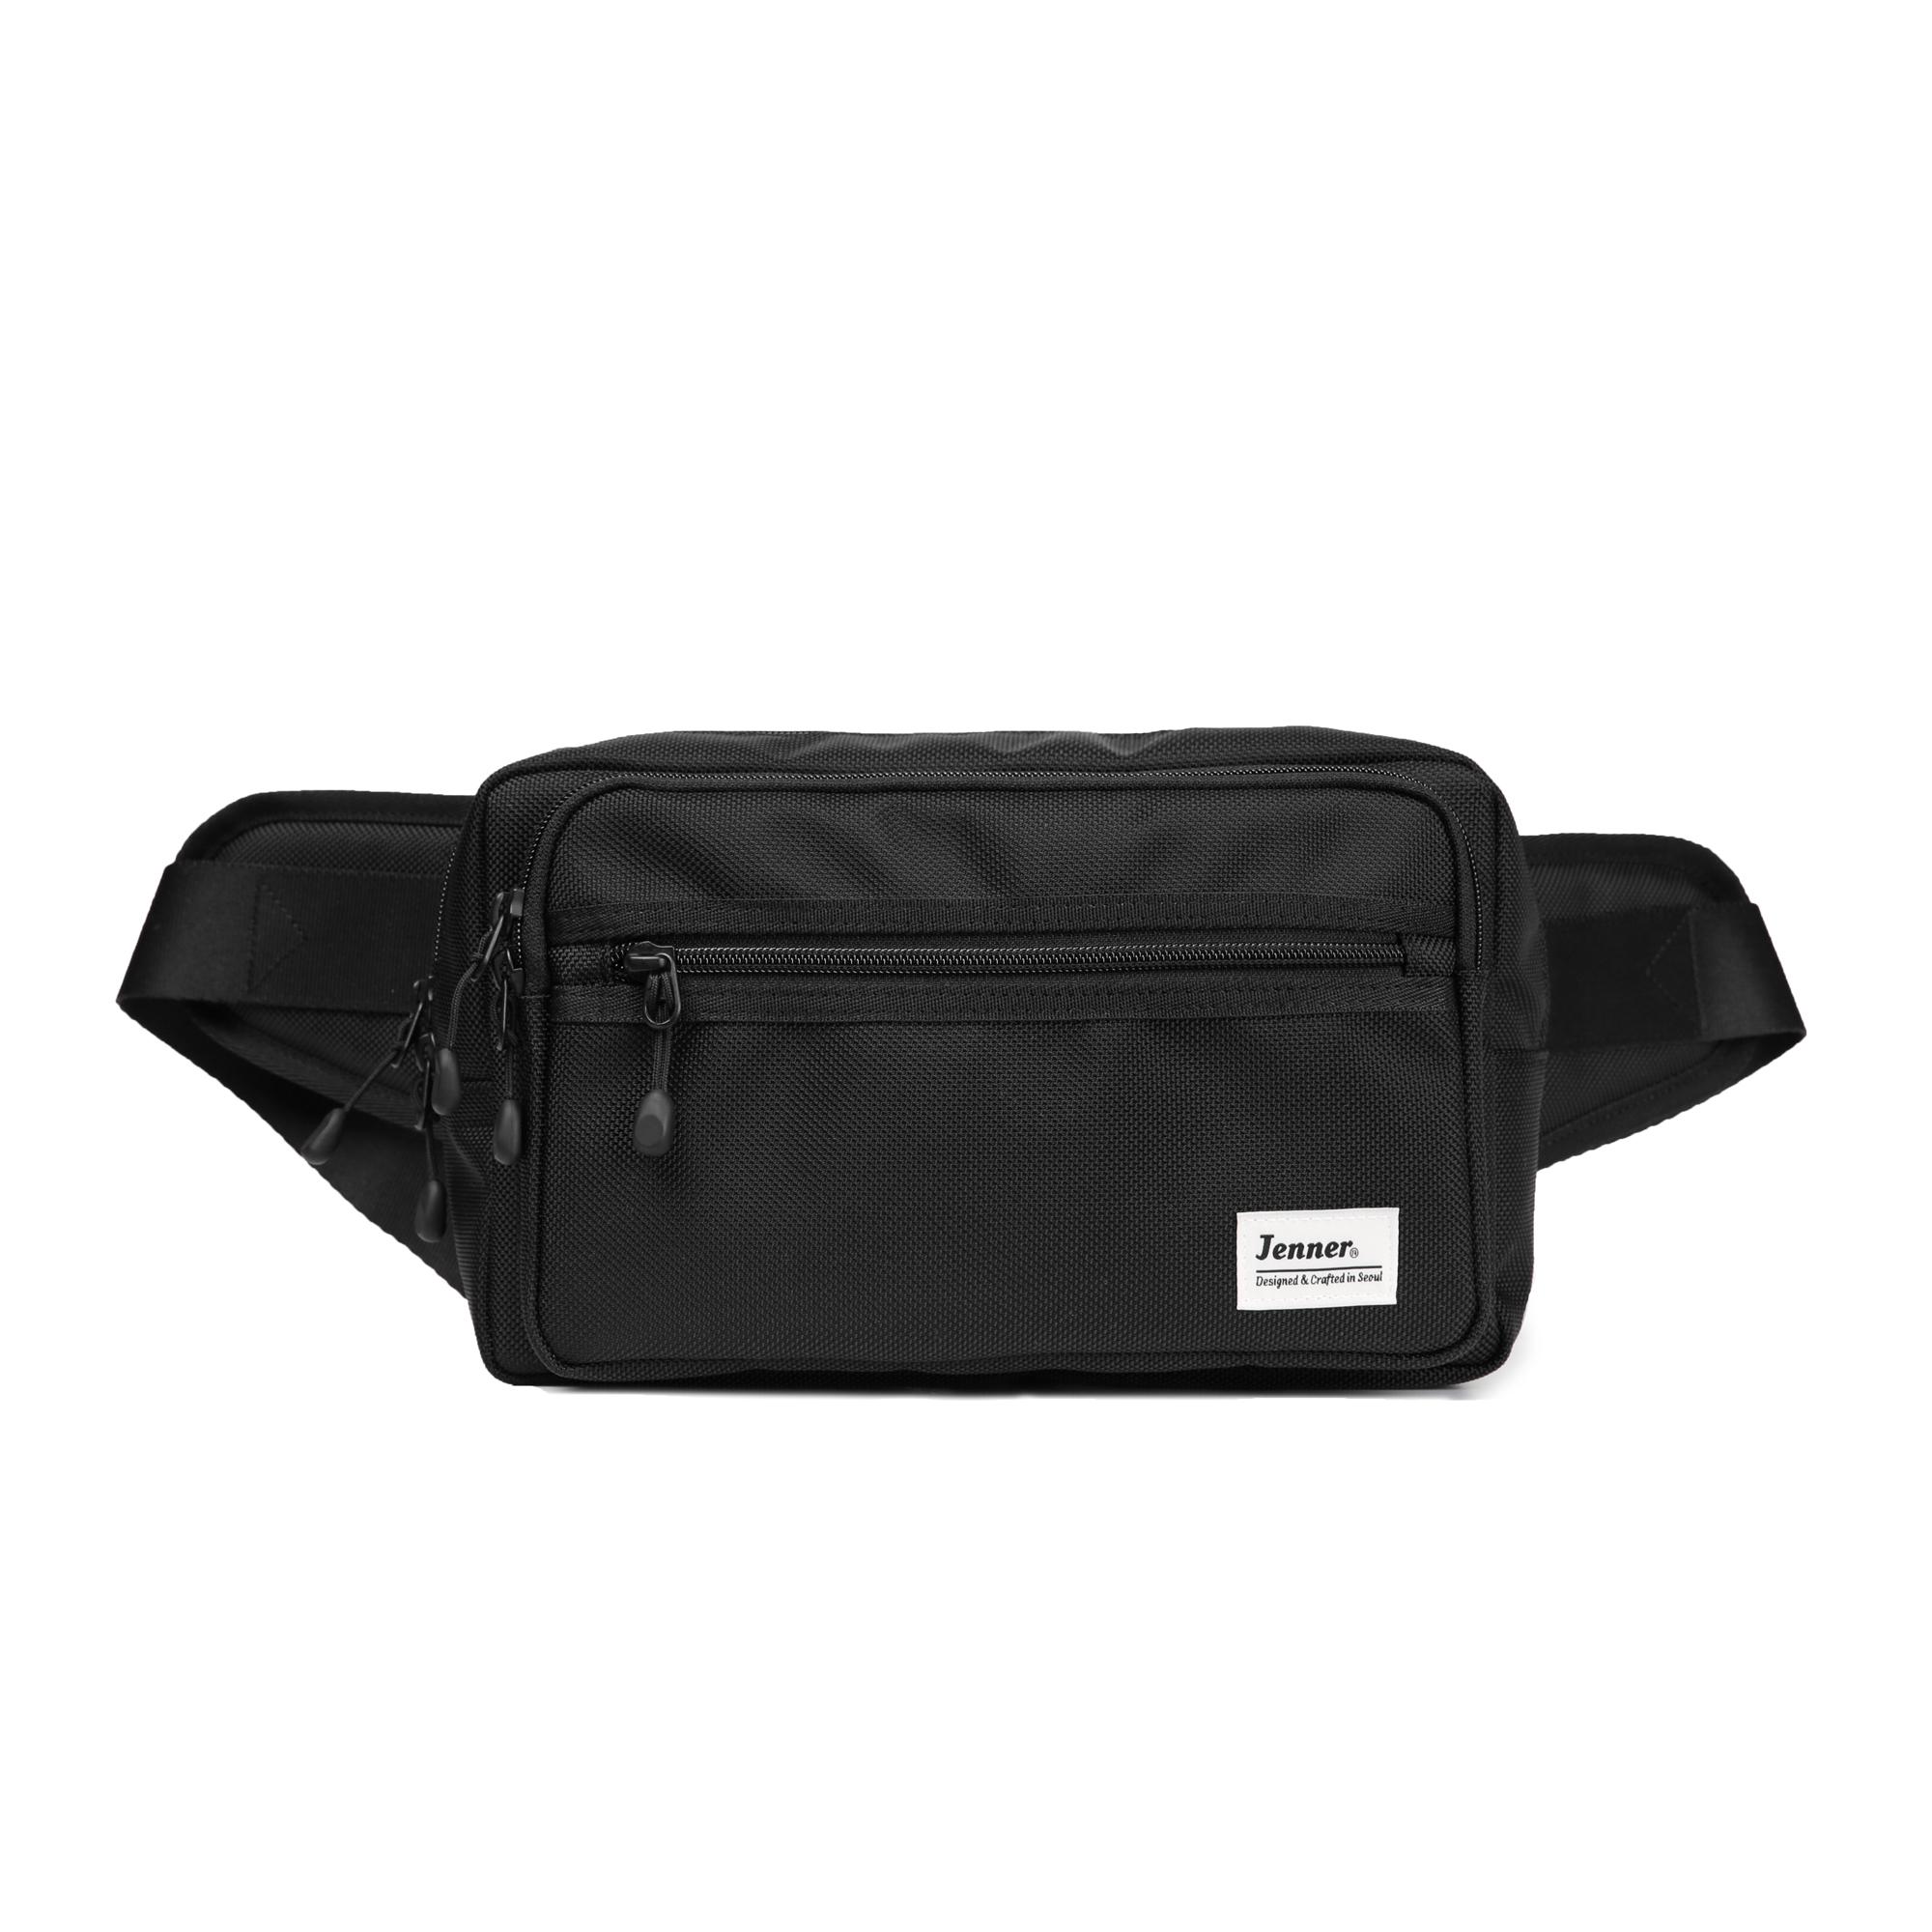 [제너] JENNER AROUND WAIST BAG BLACK U5 어라운드 웨이스트백 블랙